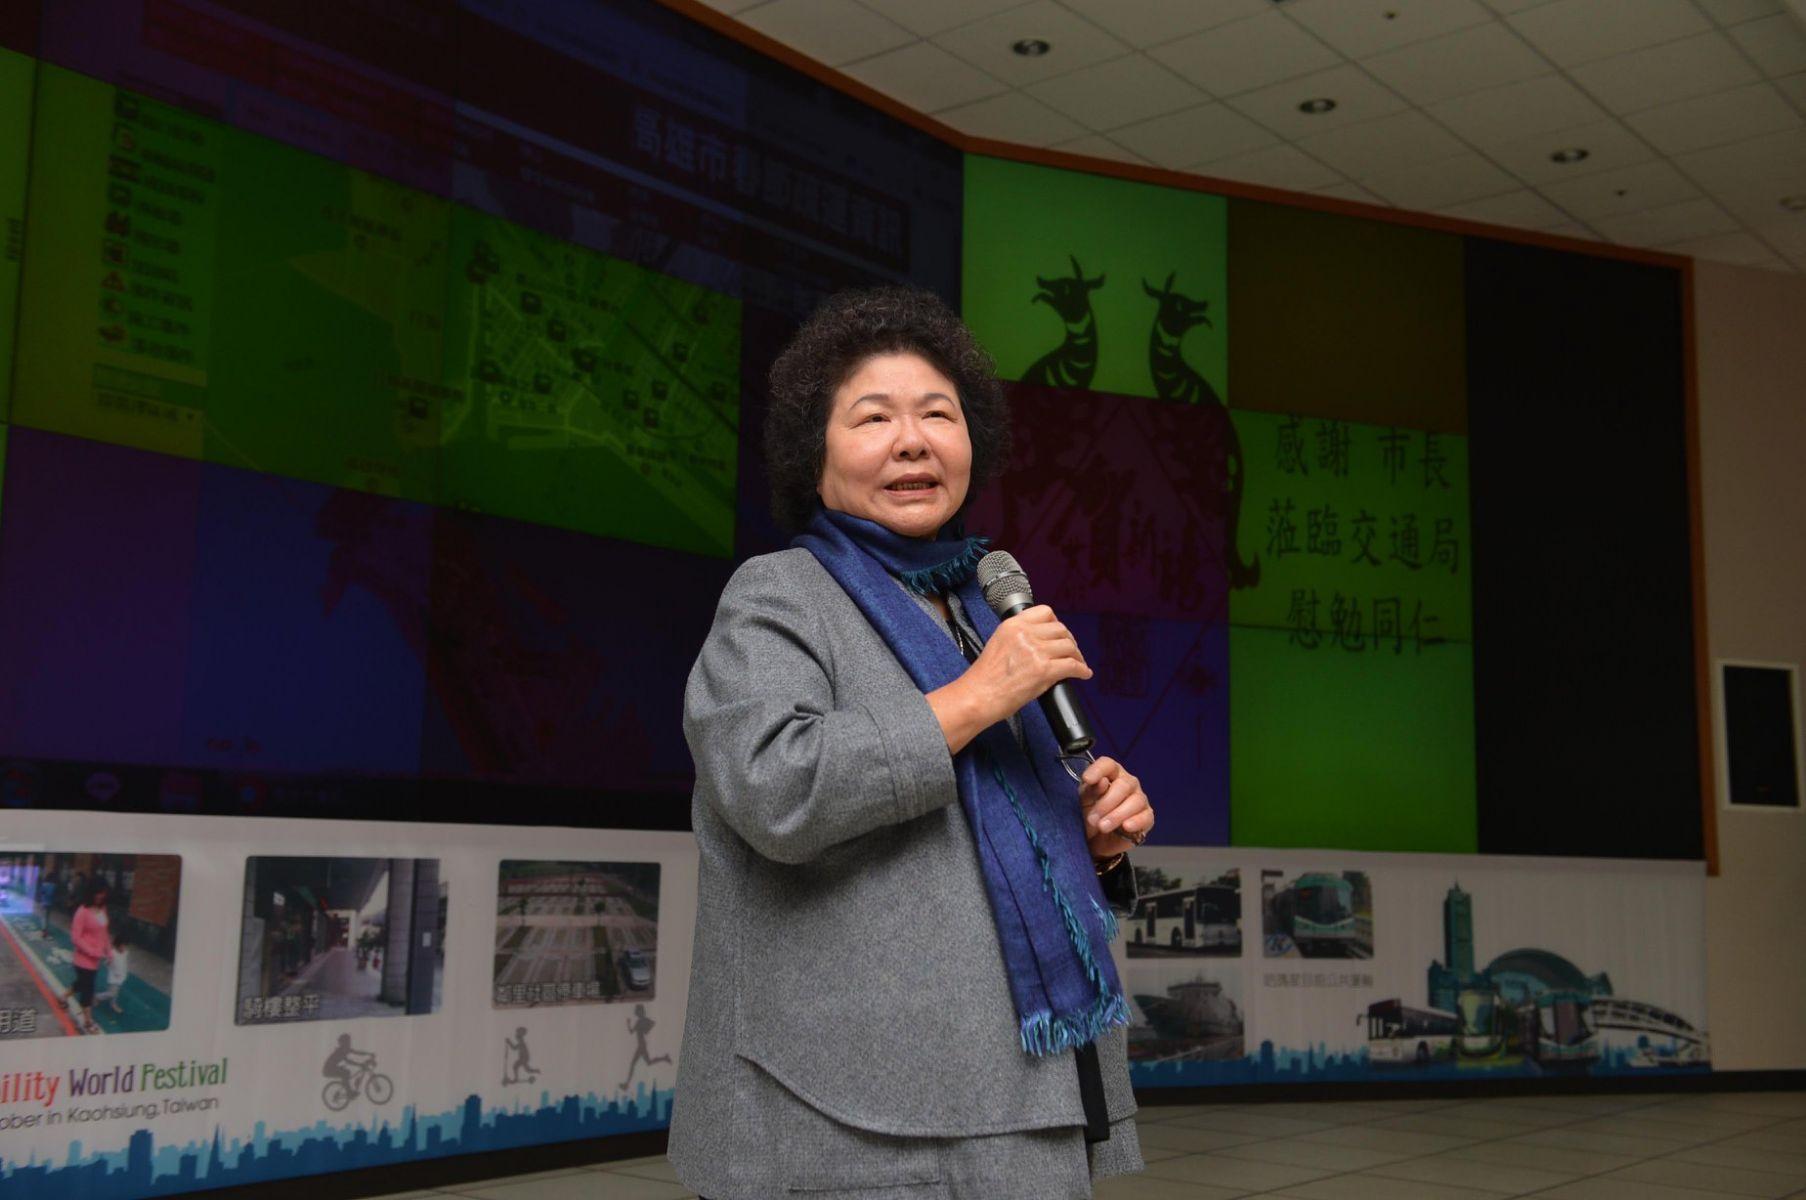 傳接任總統府秘書長 陳菊:不用急著替我找工作